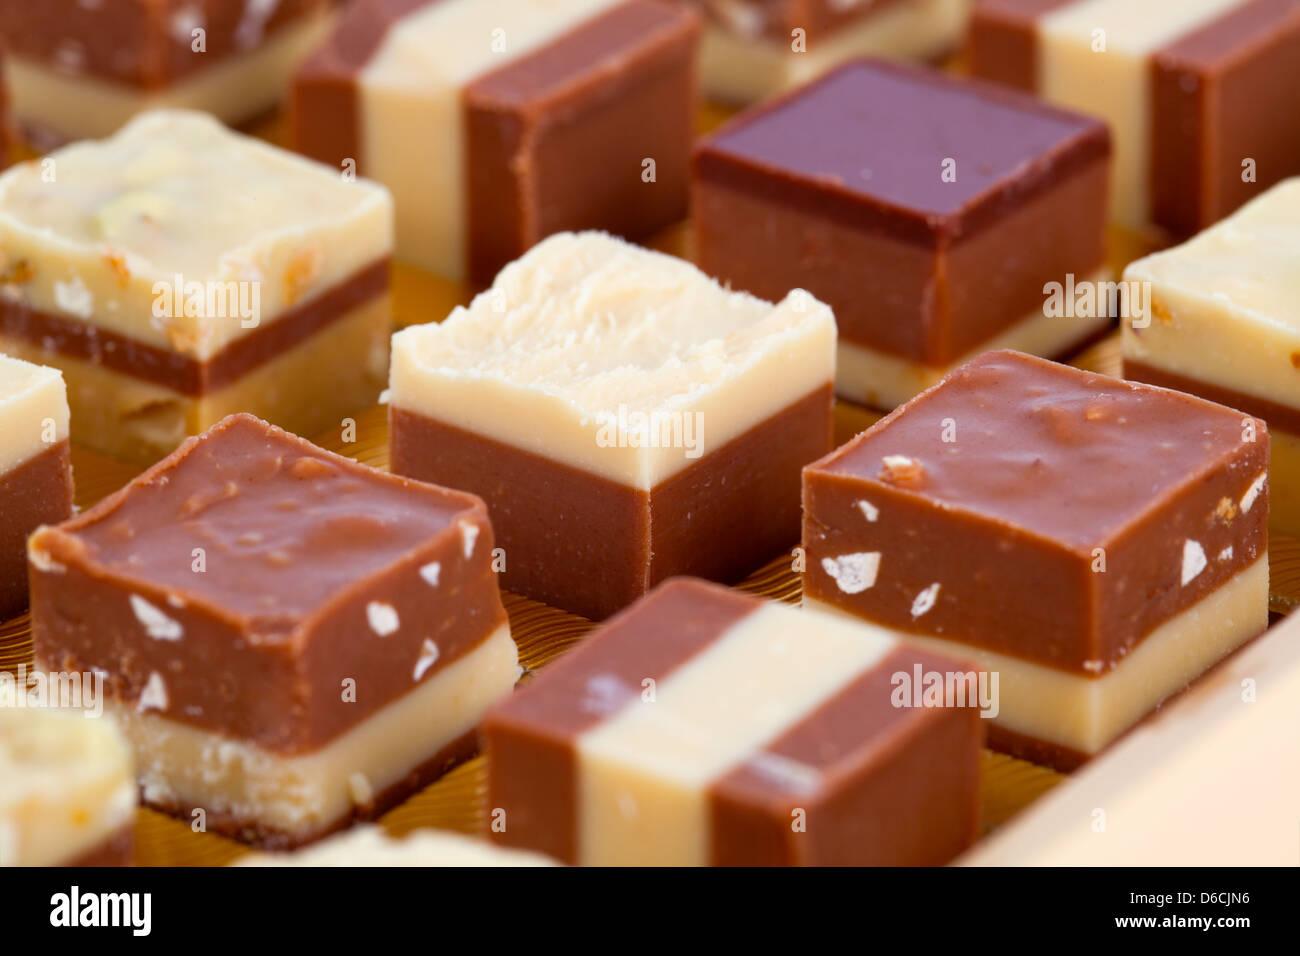 Praline, nougat délicieux mélange de crème aux amandes et nougat Photo Stock